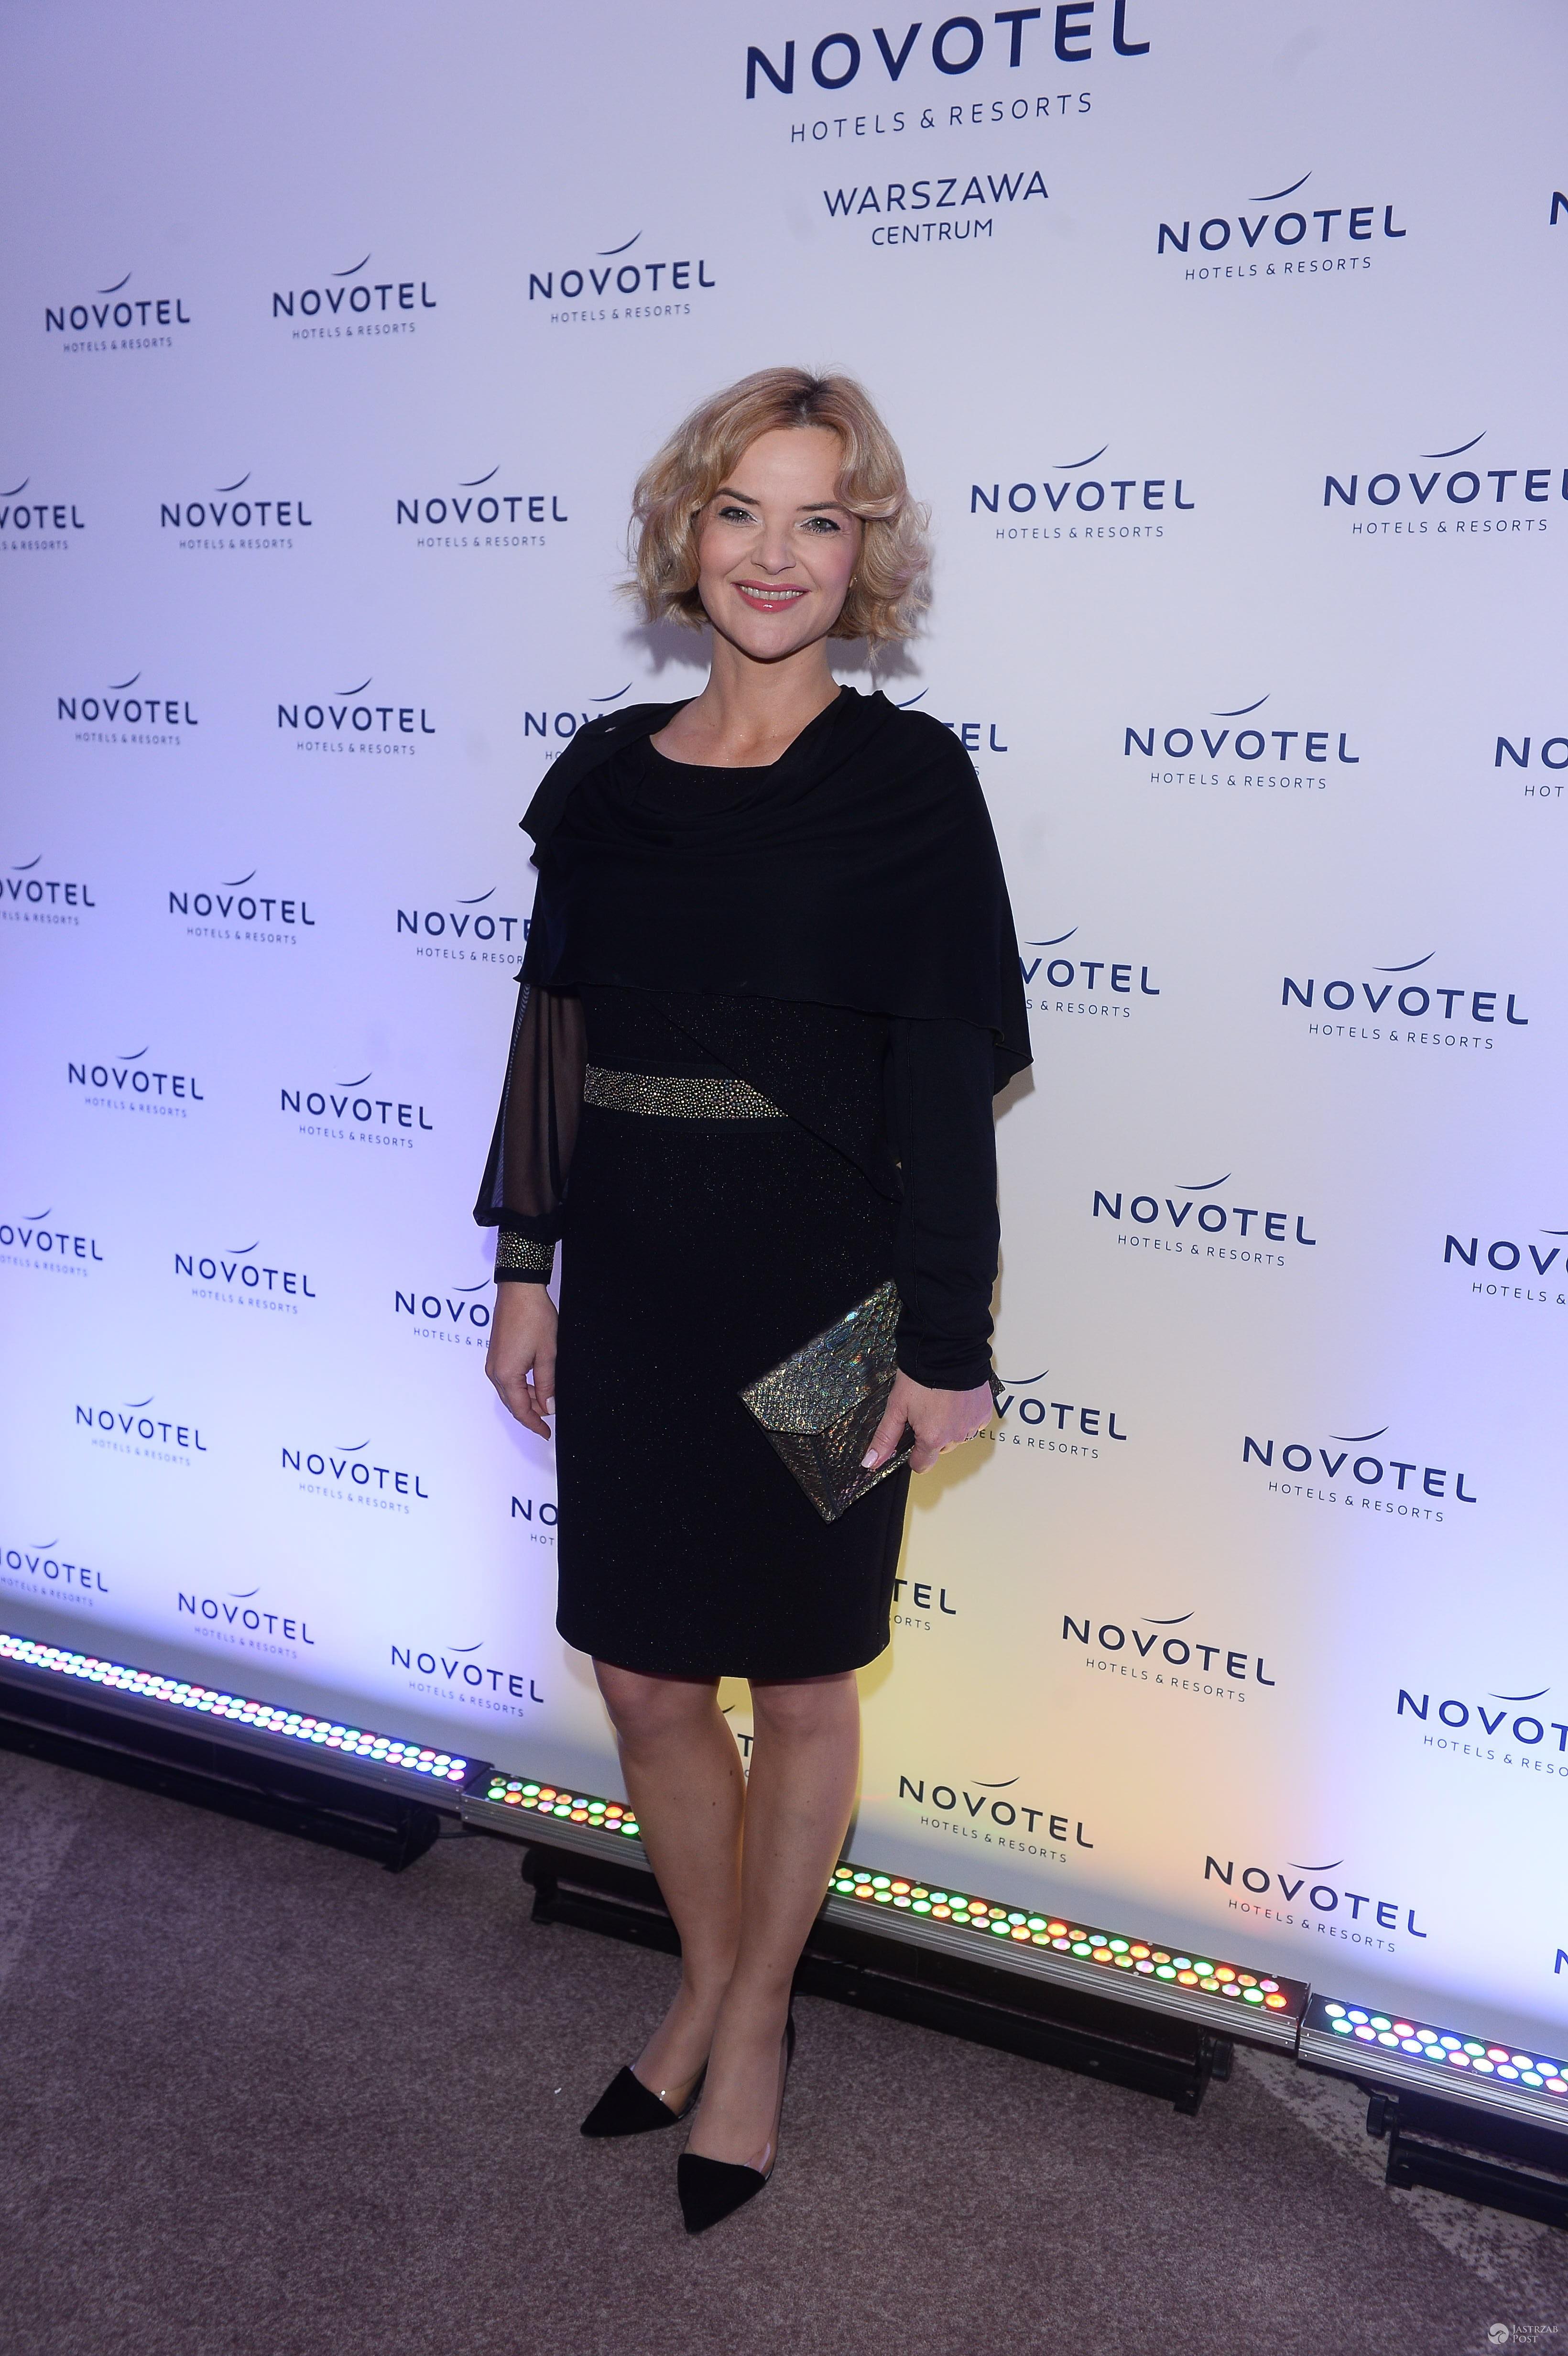 Monika Zamachowska - prezentacja nowej oferty w Hotelu Novotel